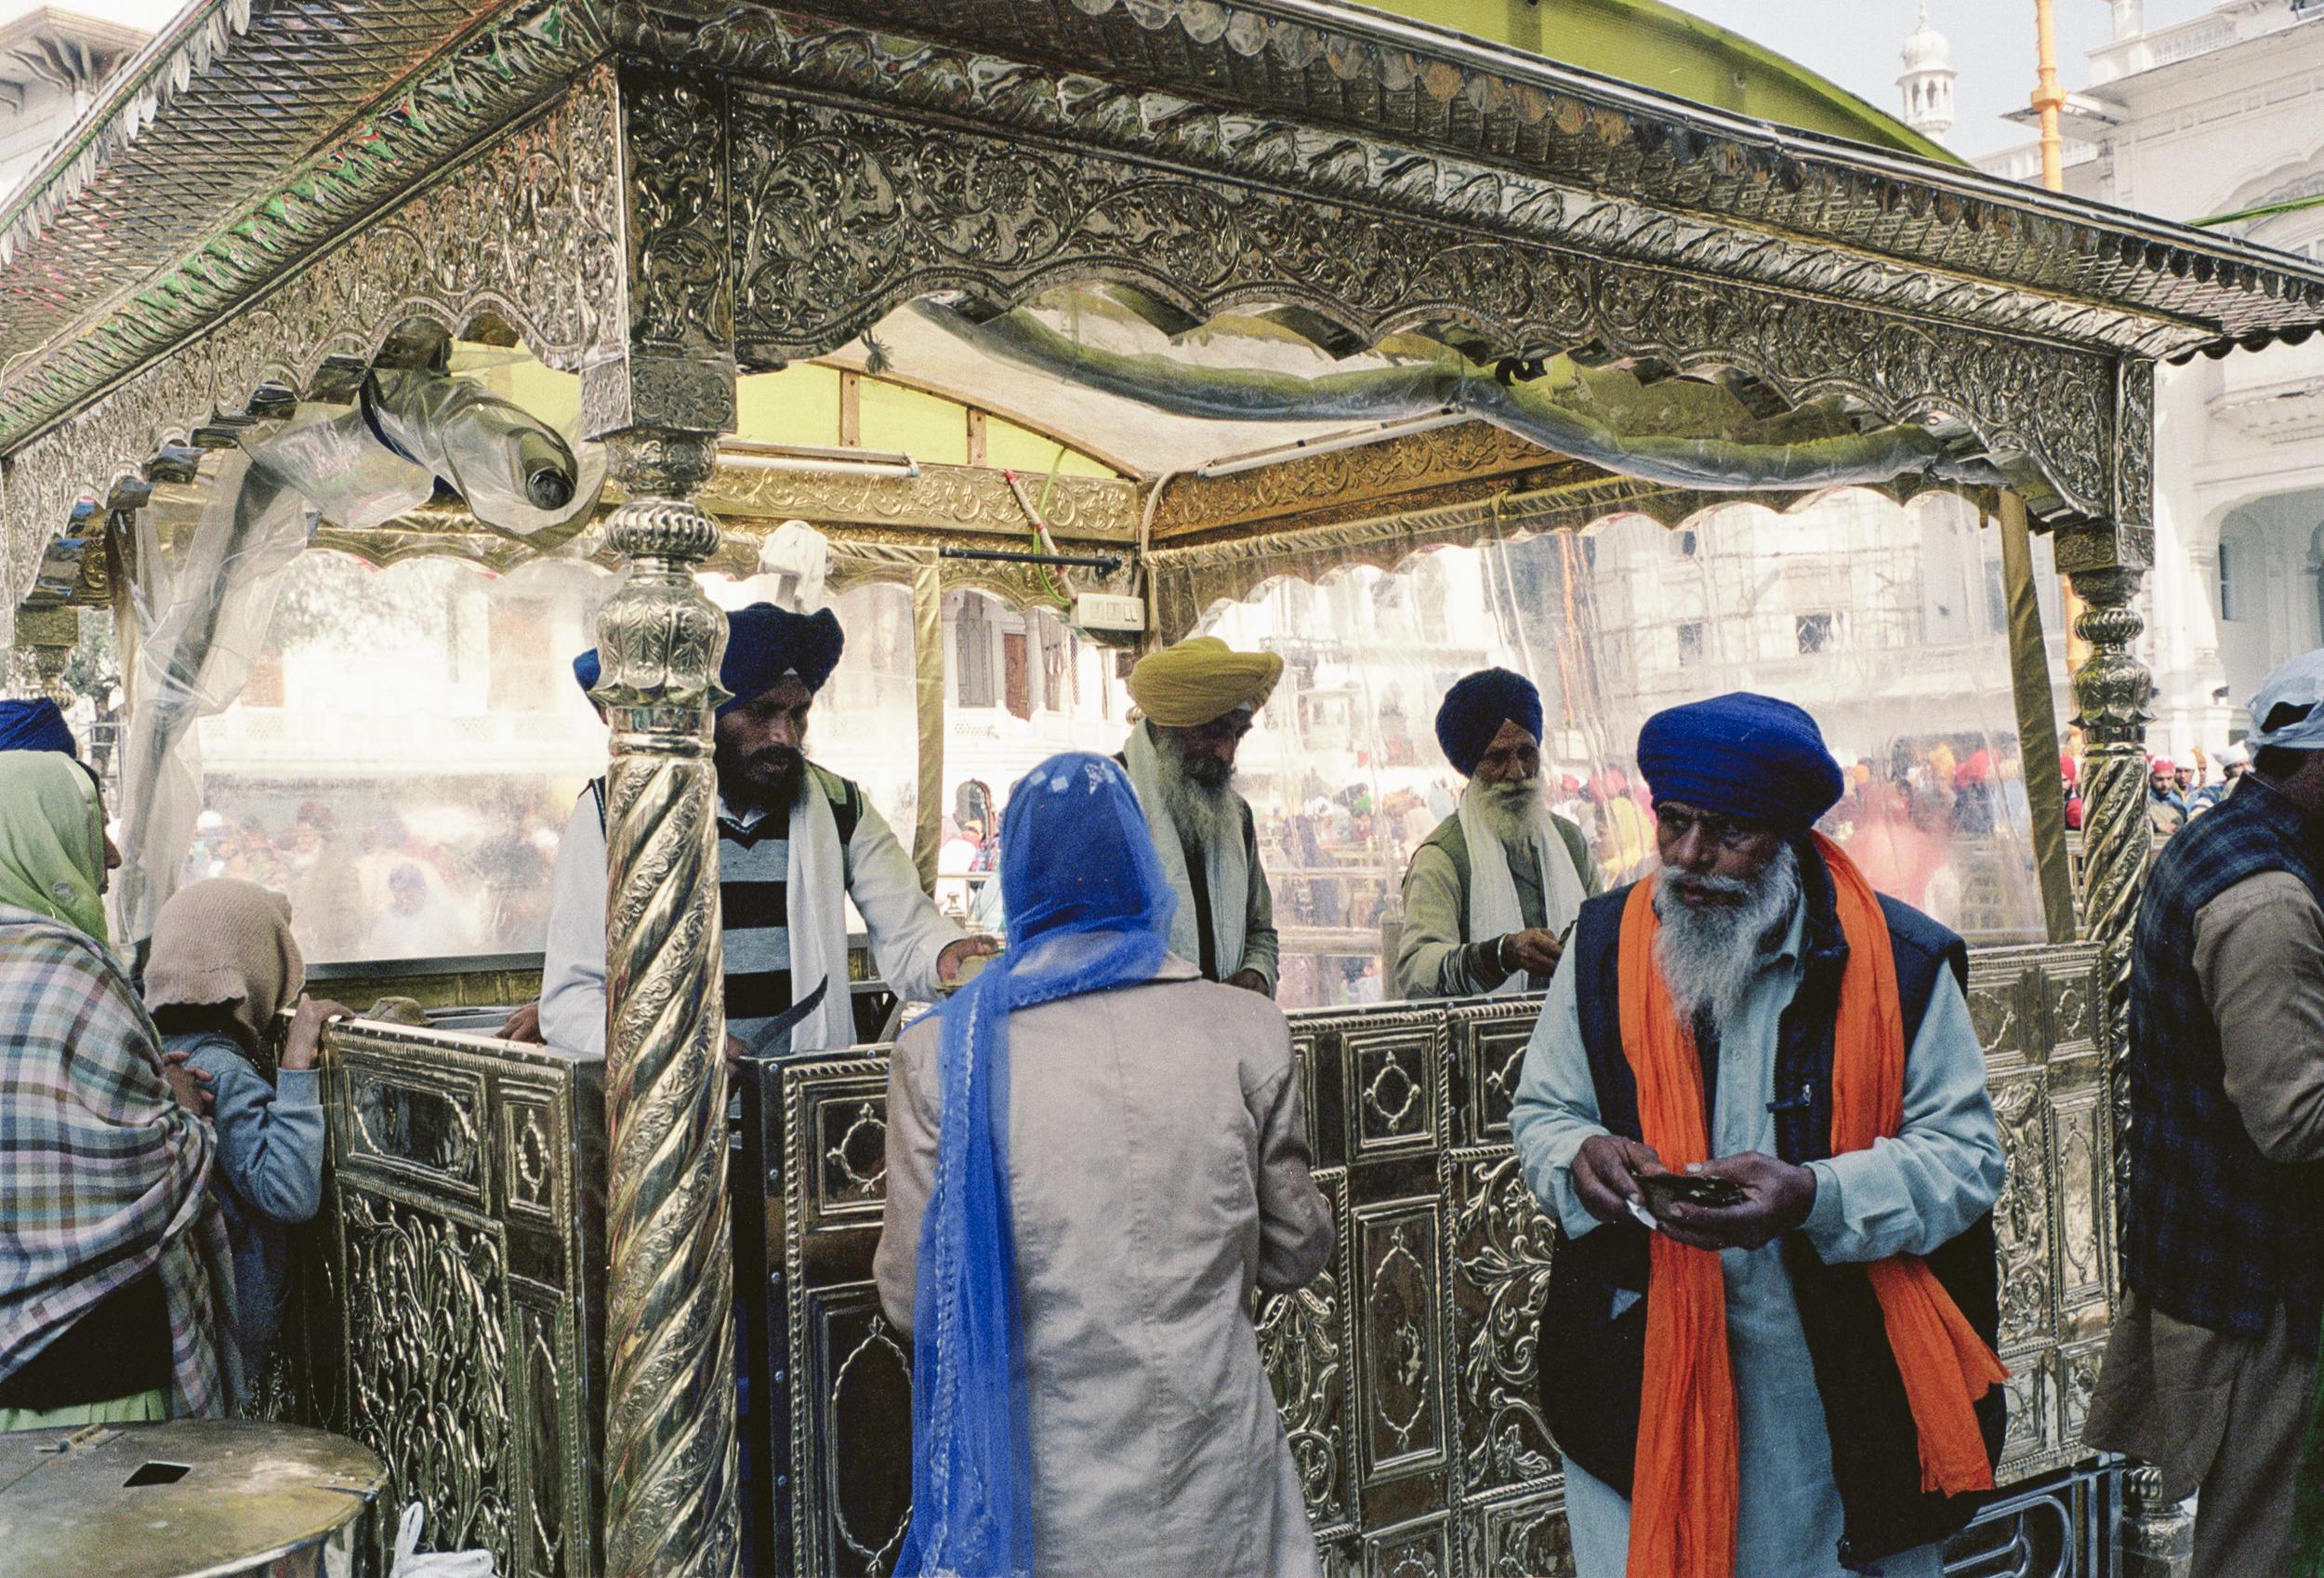 70-F7_Offering, Golden Temple, Amritsar, India 2016-53.jpg